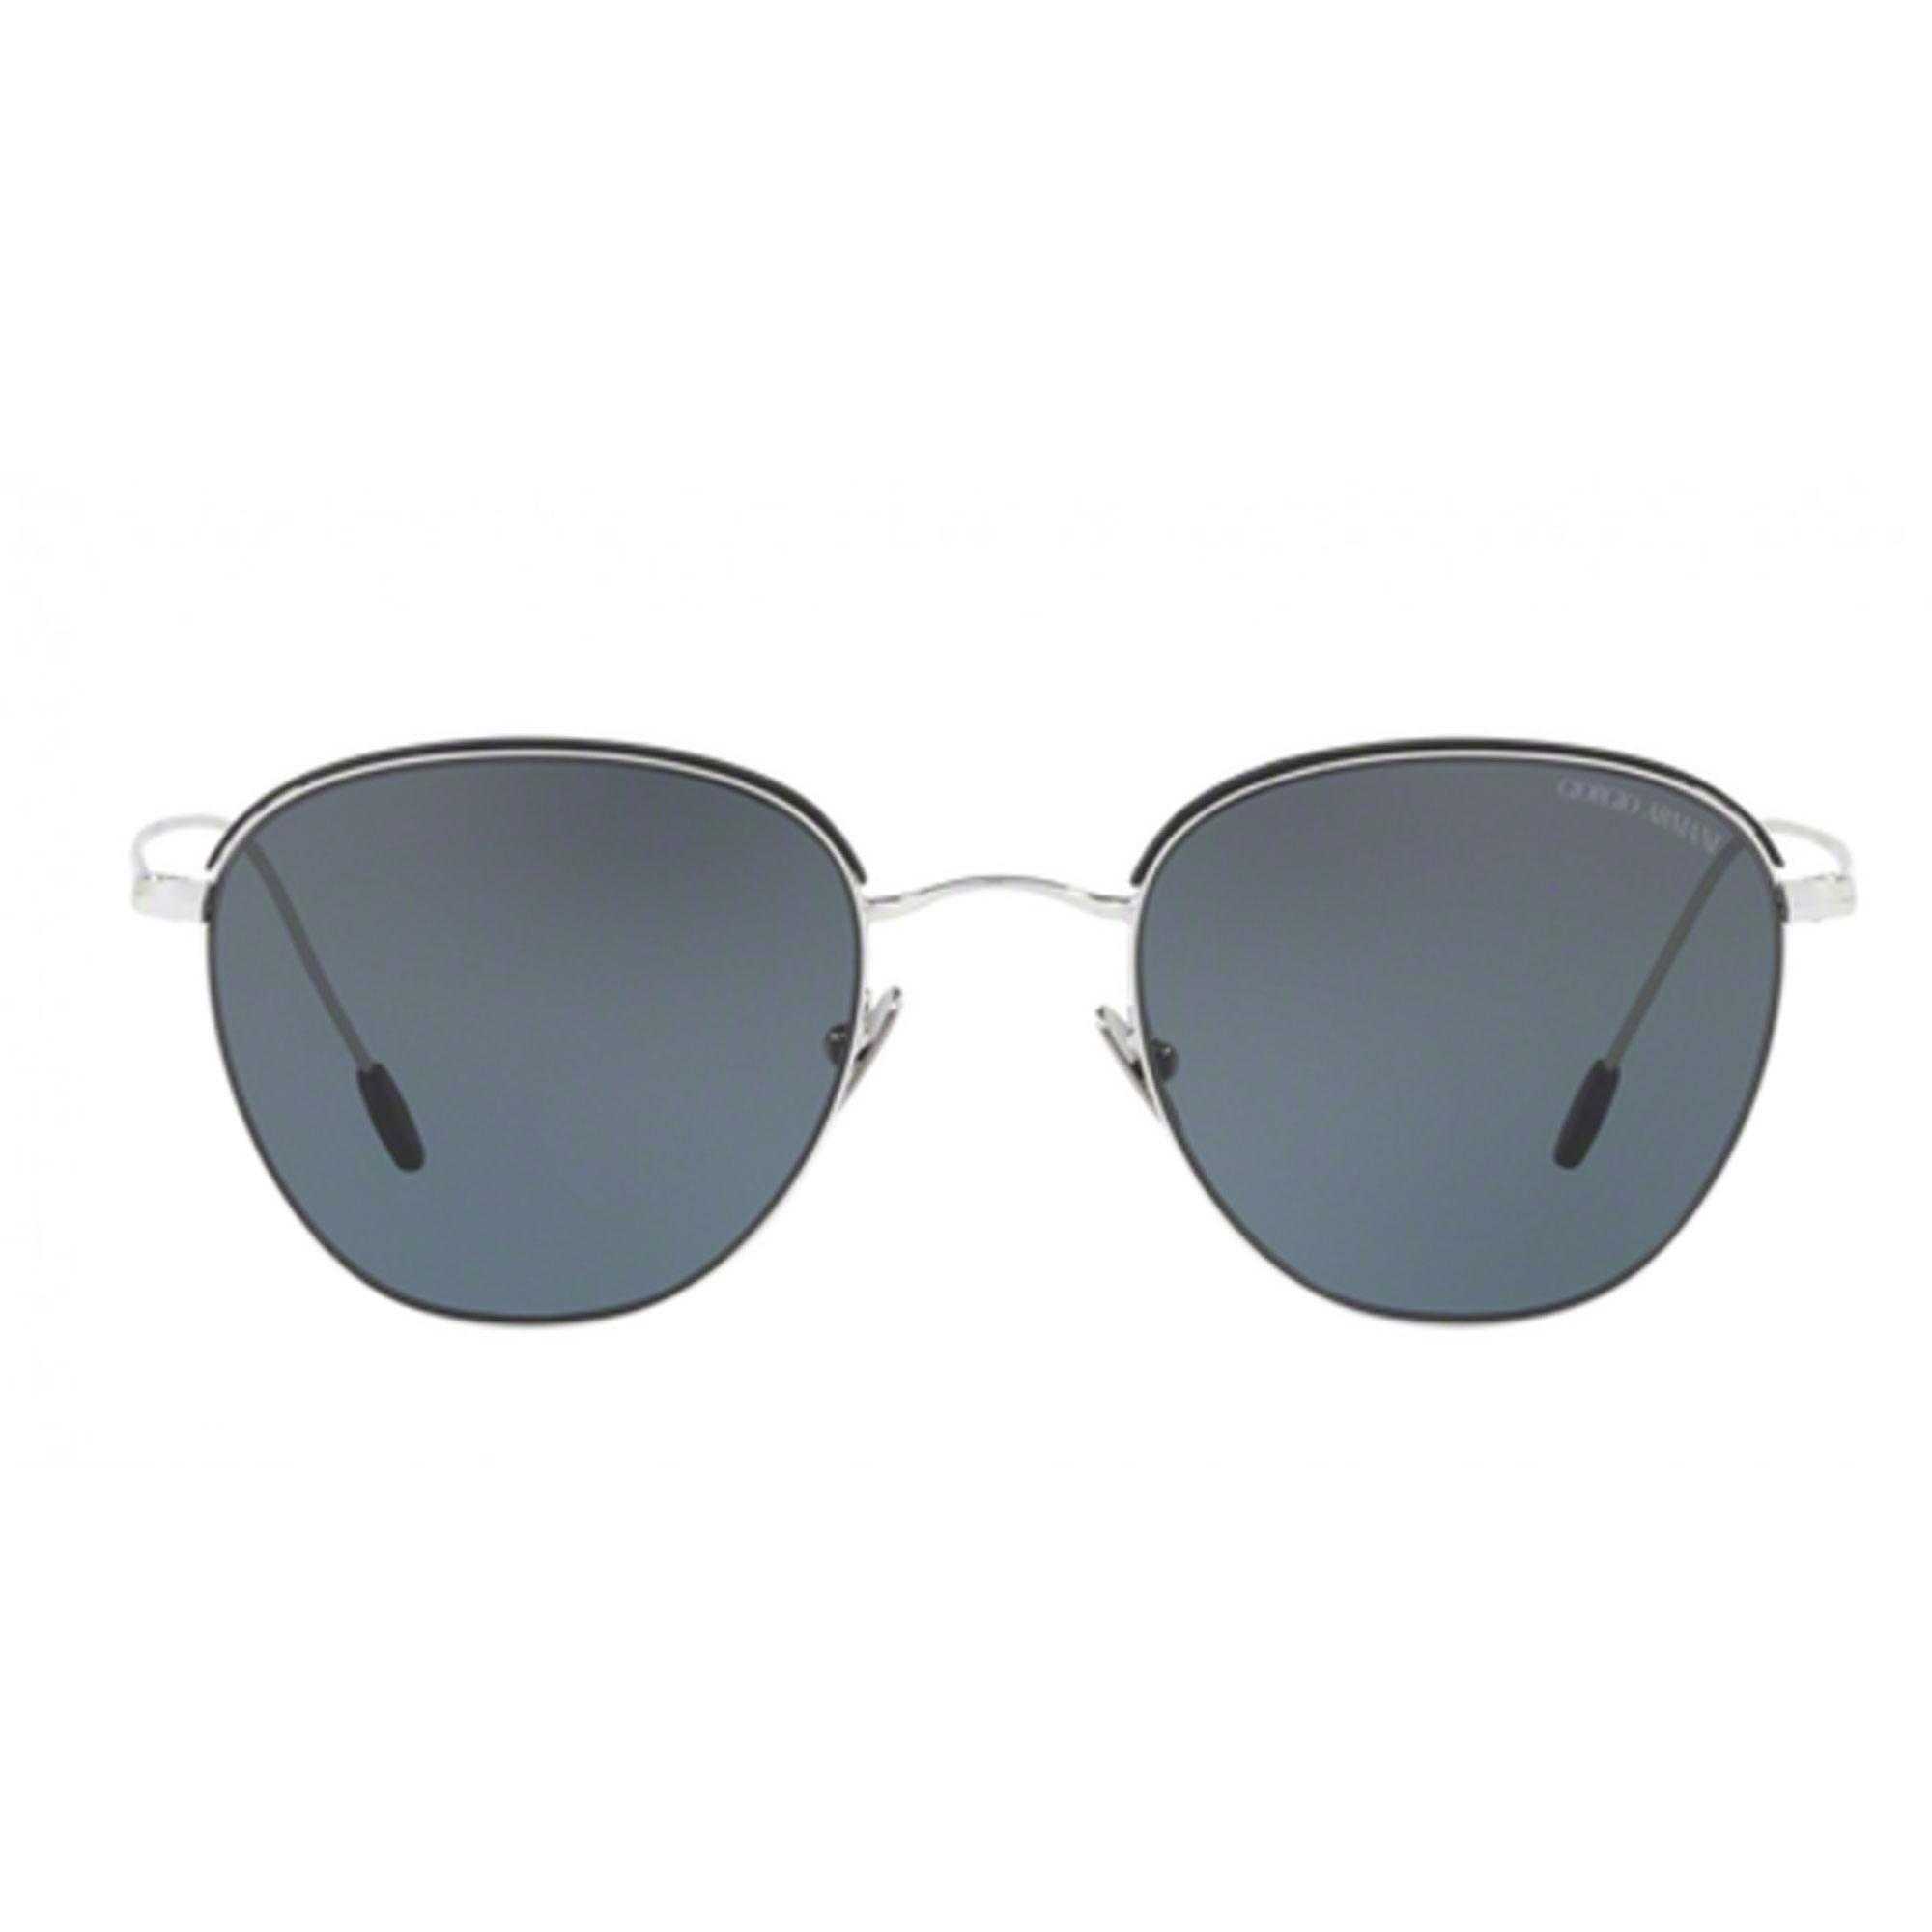 Occhiali-da-sole-Giorgio-Armani-AR6048-301587